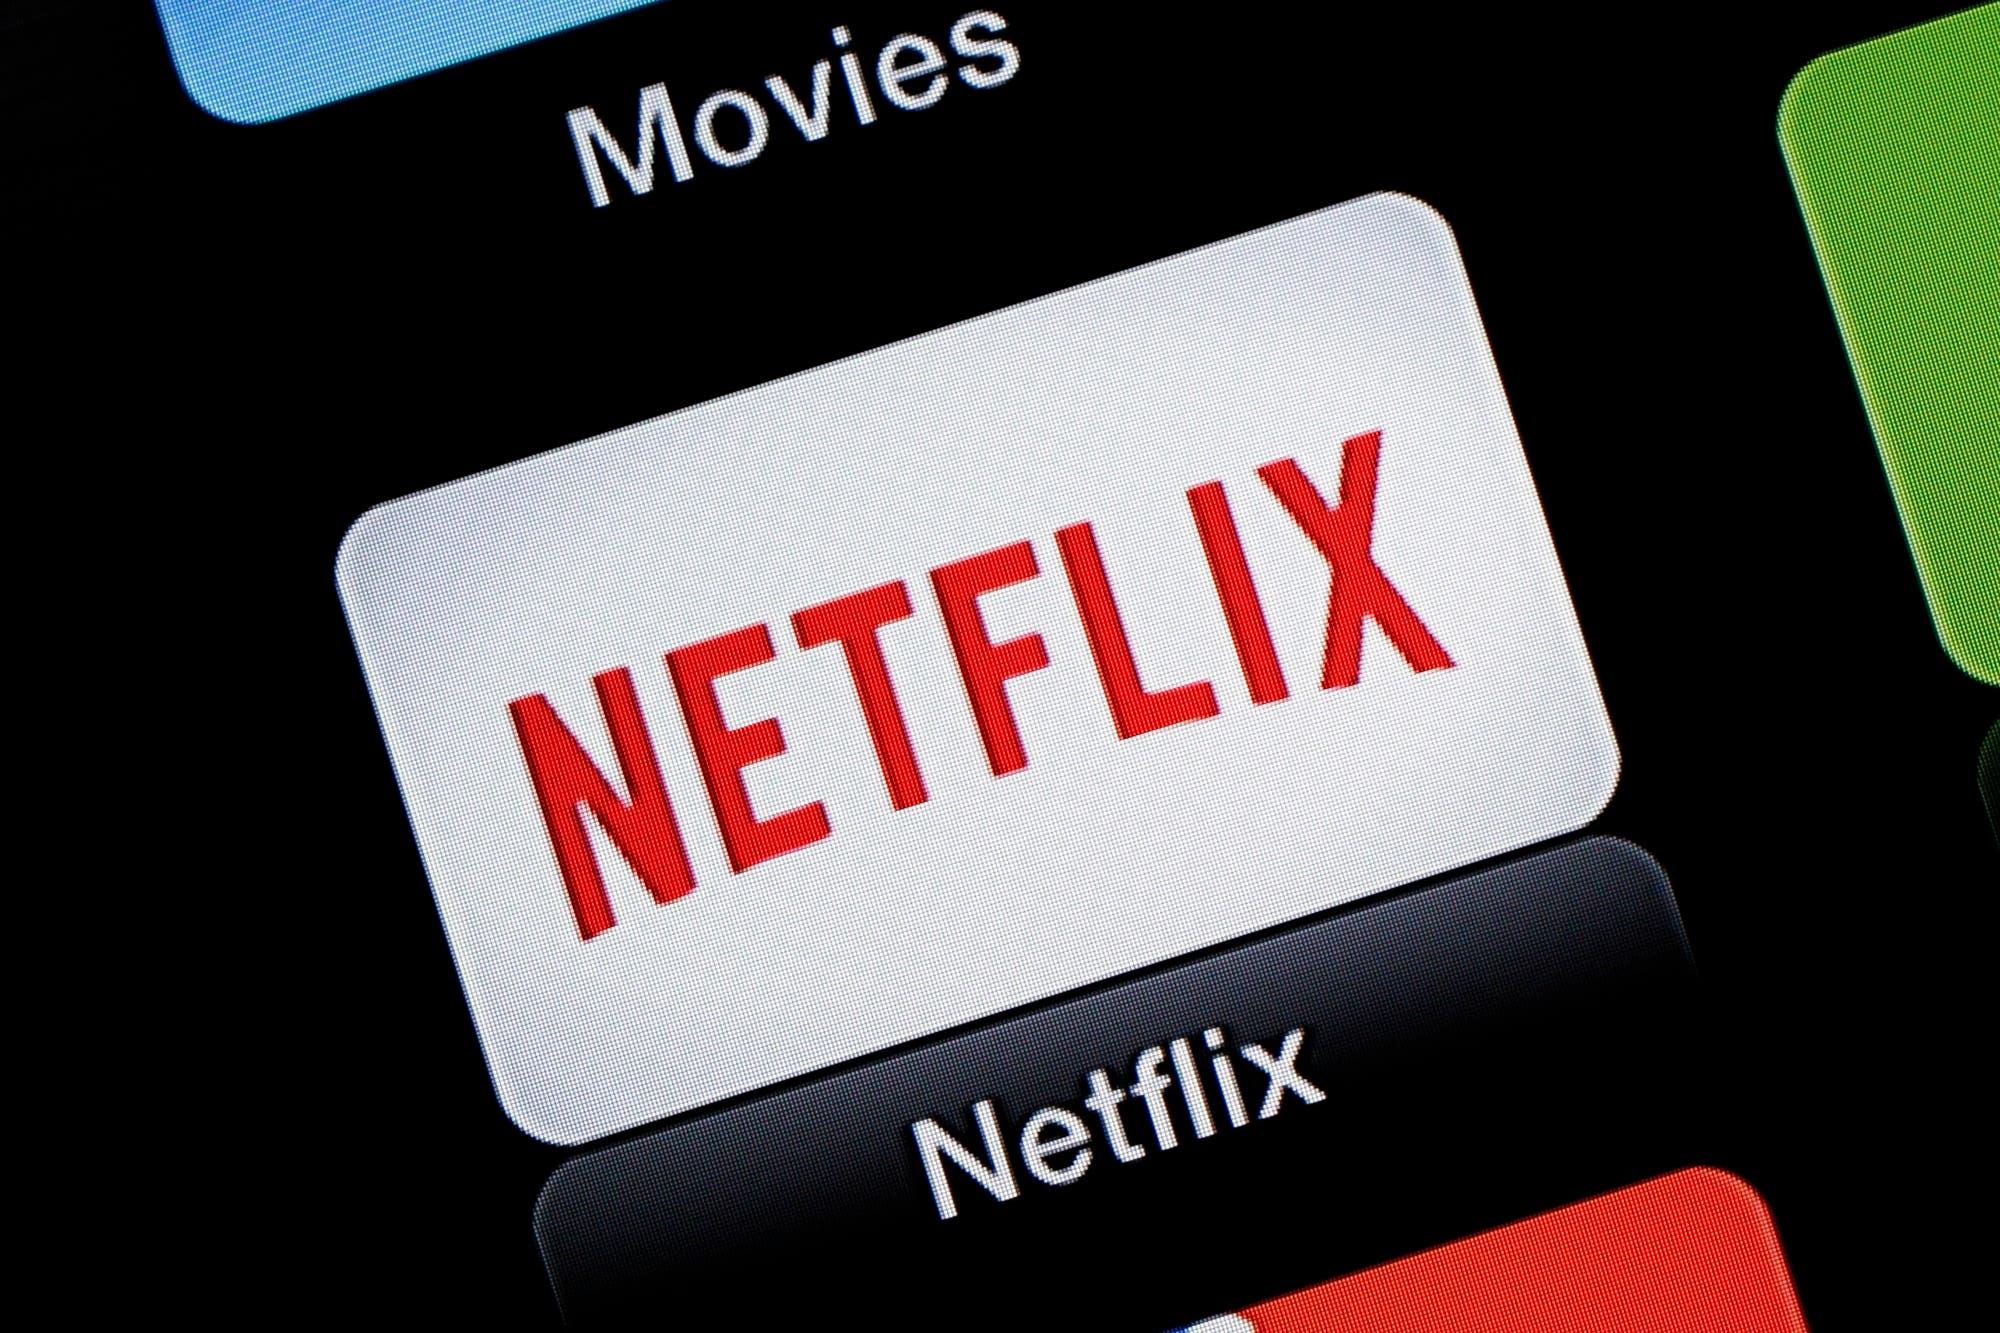 Netflix reducirá la calidad del streaming en Europa por un mes para no afectar las conexiones de banda ancha